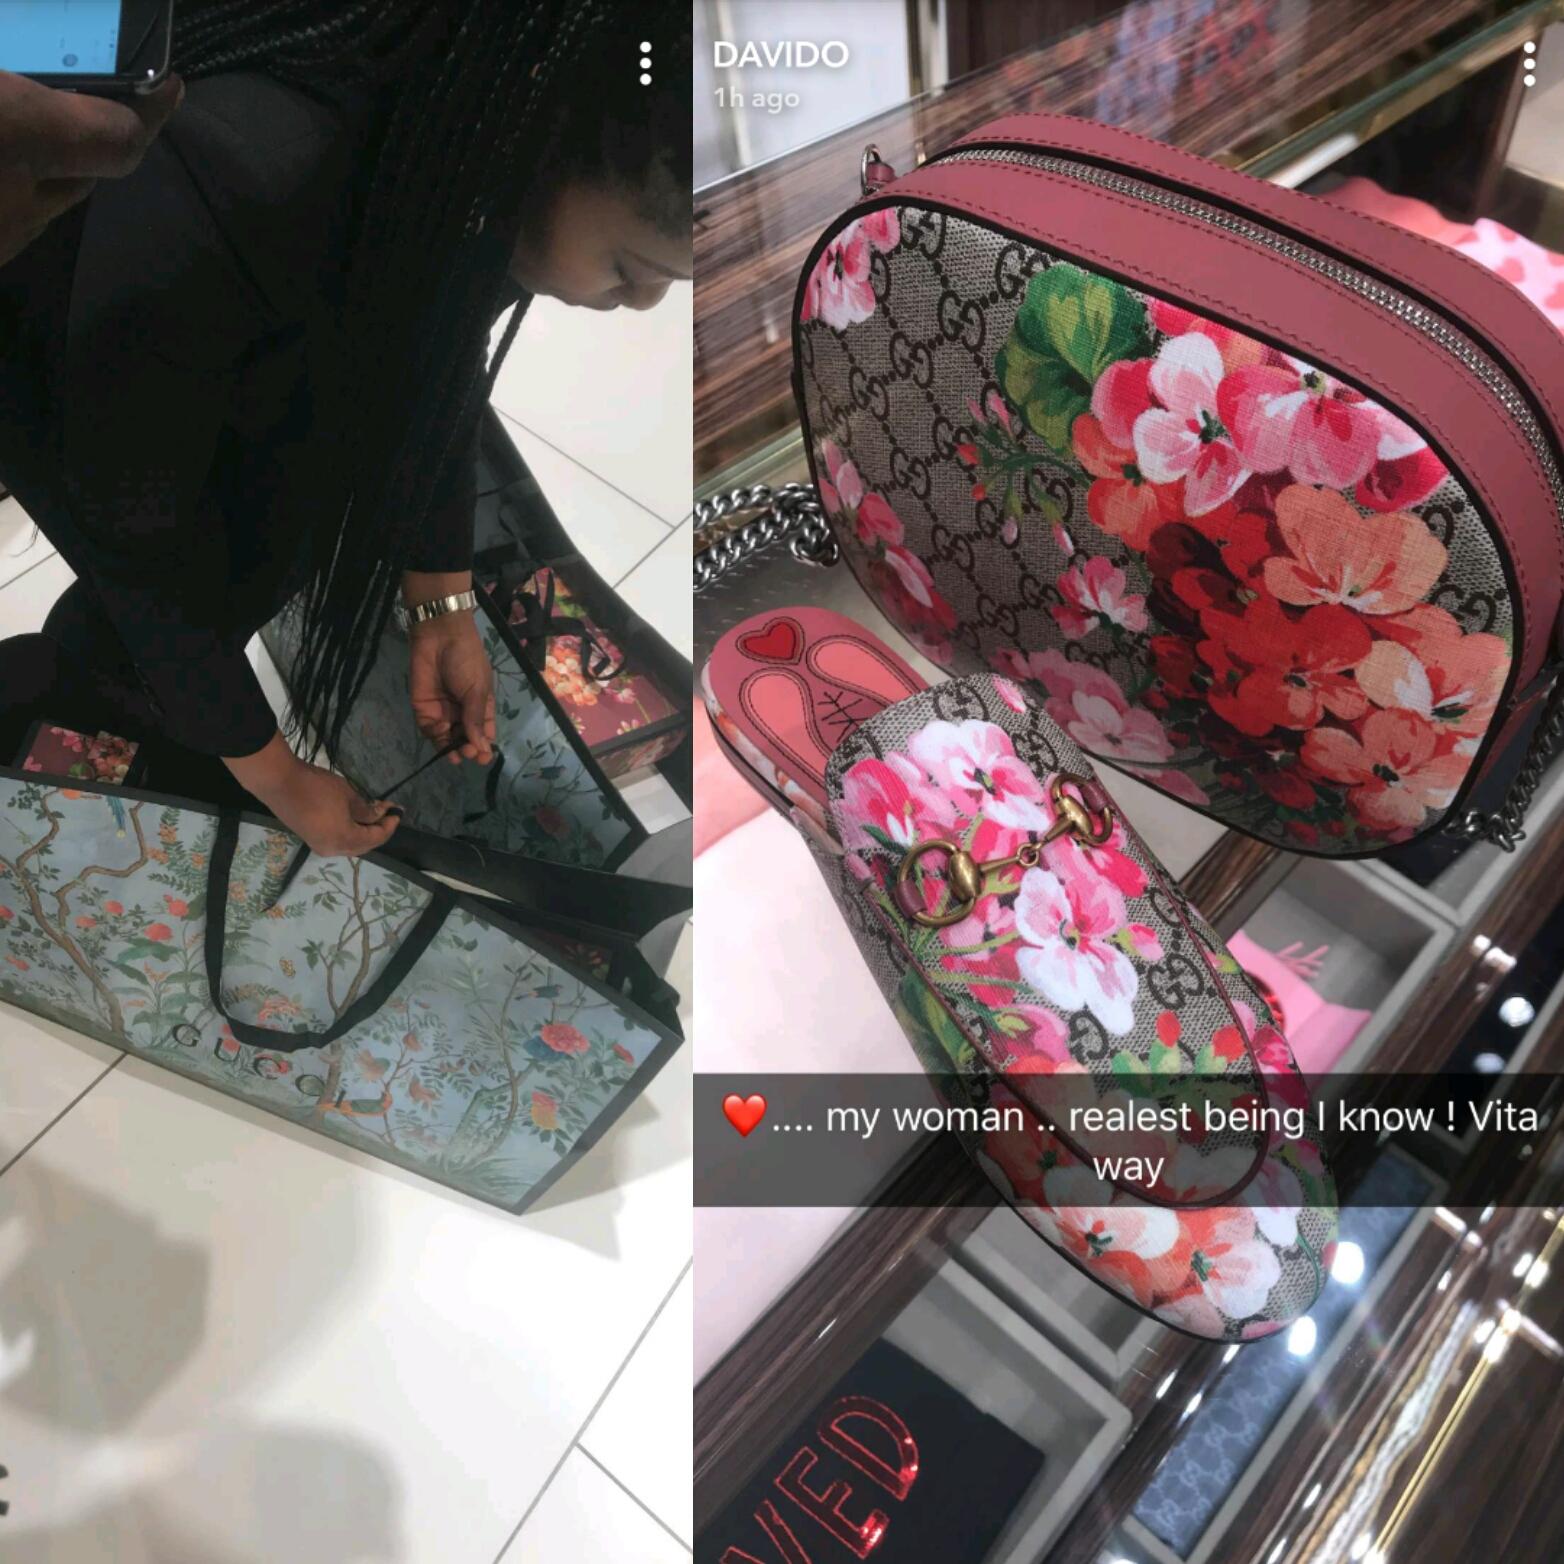 Singer Davido takes his woman shopping at a Gucci store (photos)